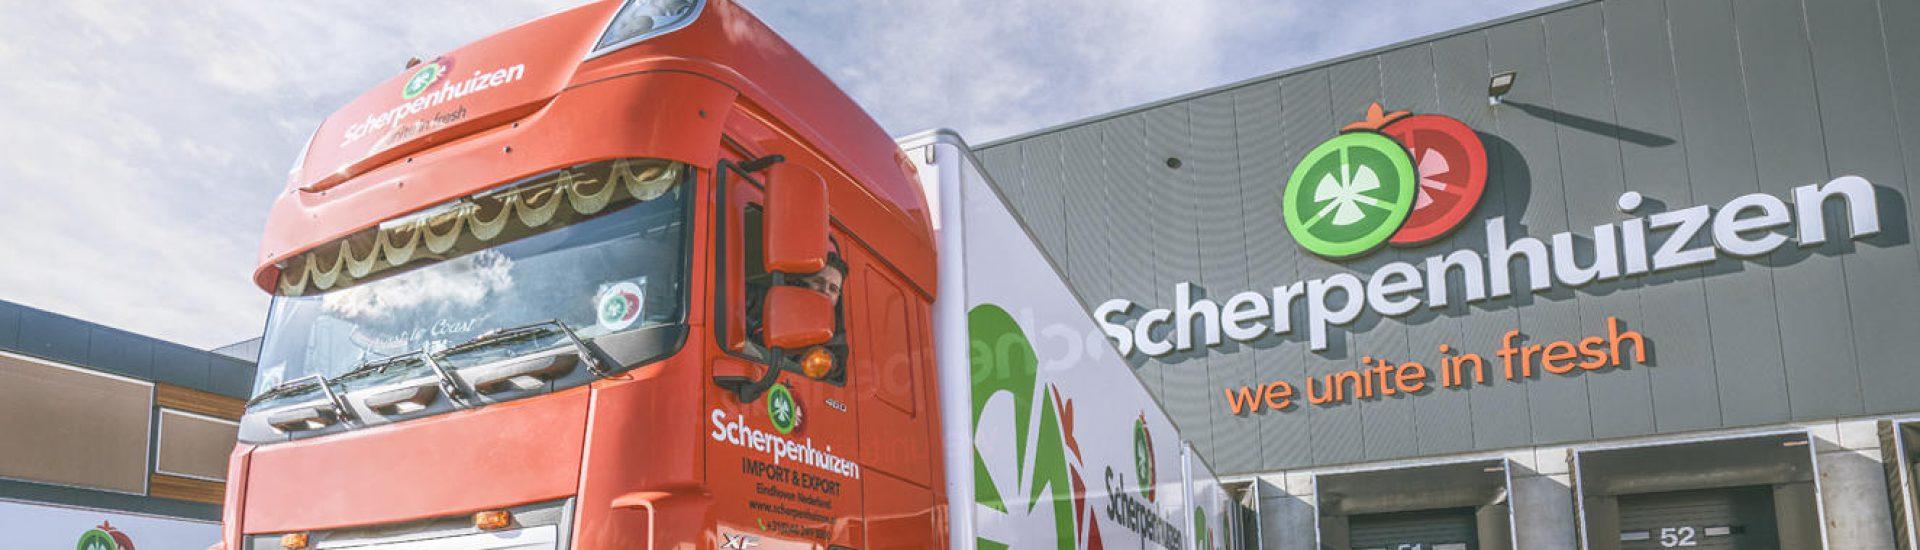 Vrachtwagen Scherpenhuizen